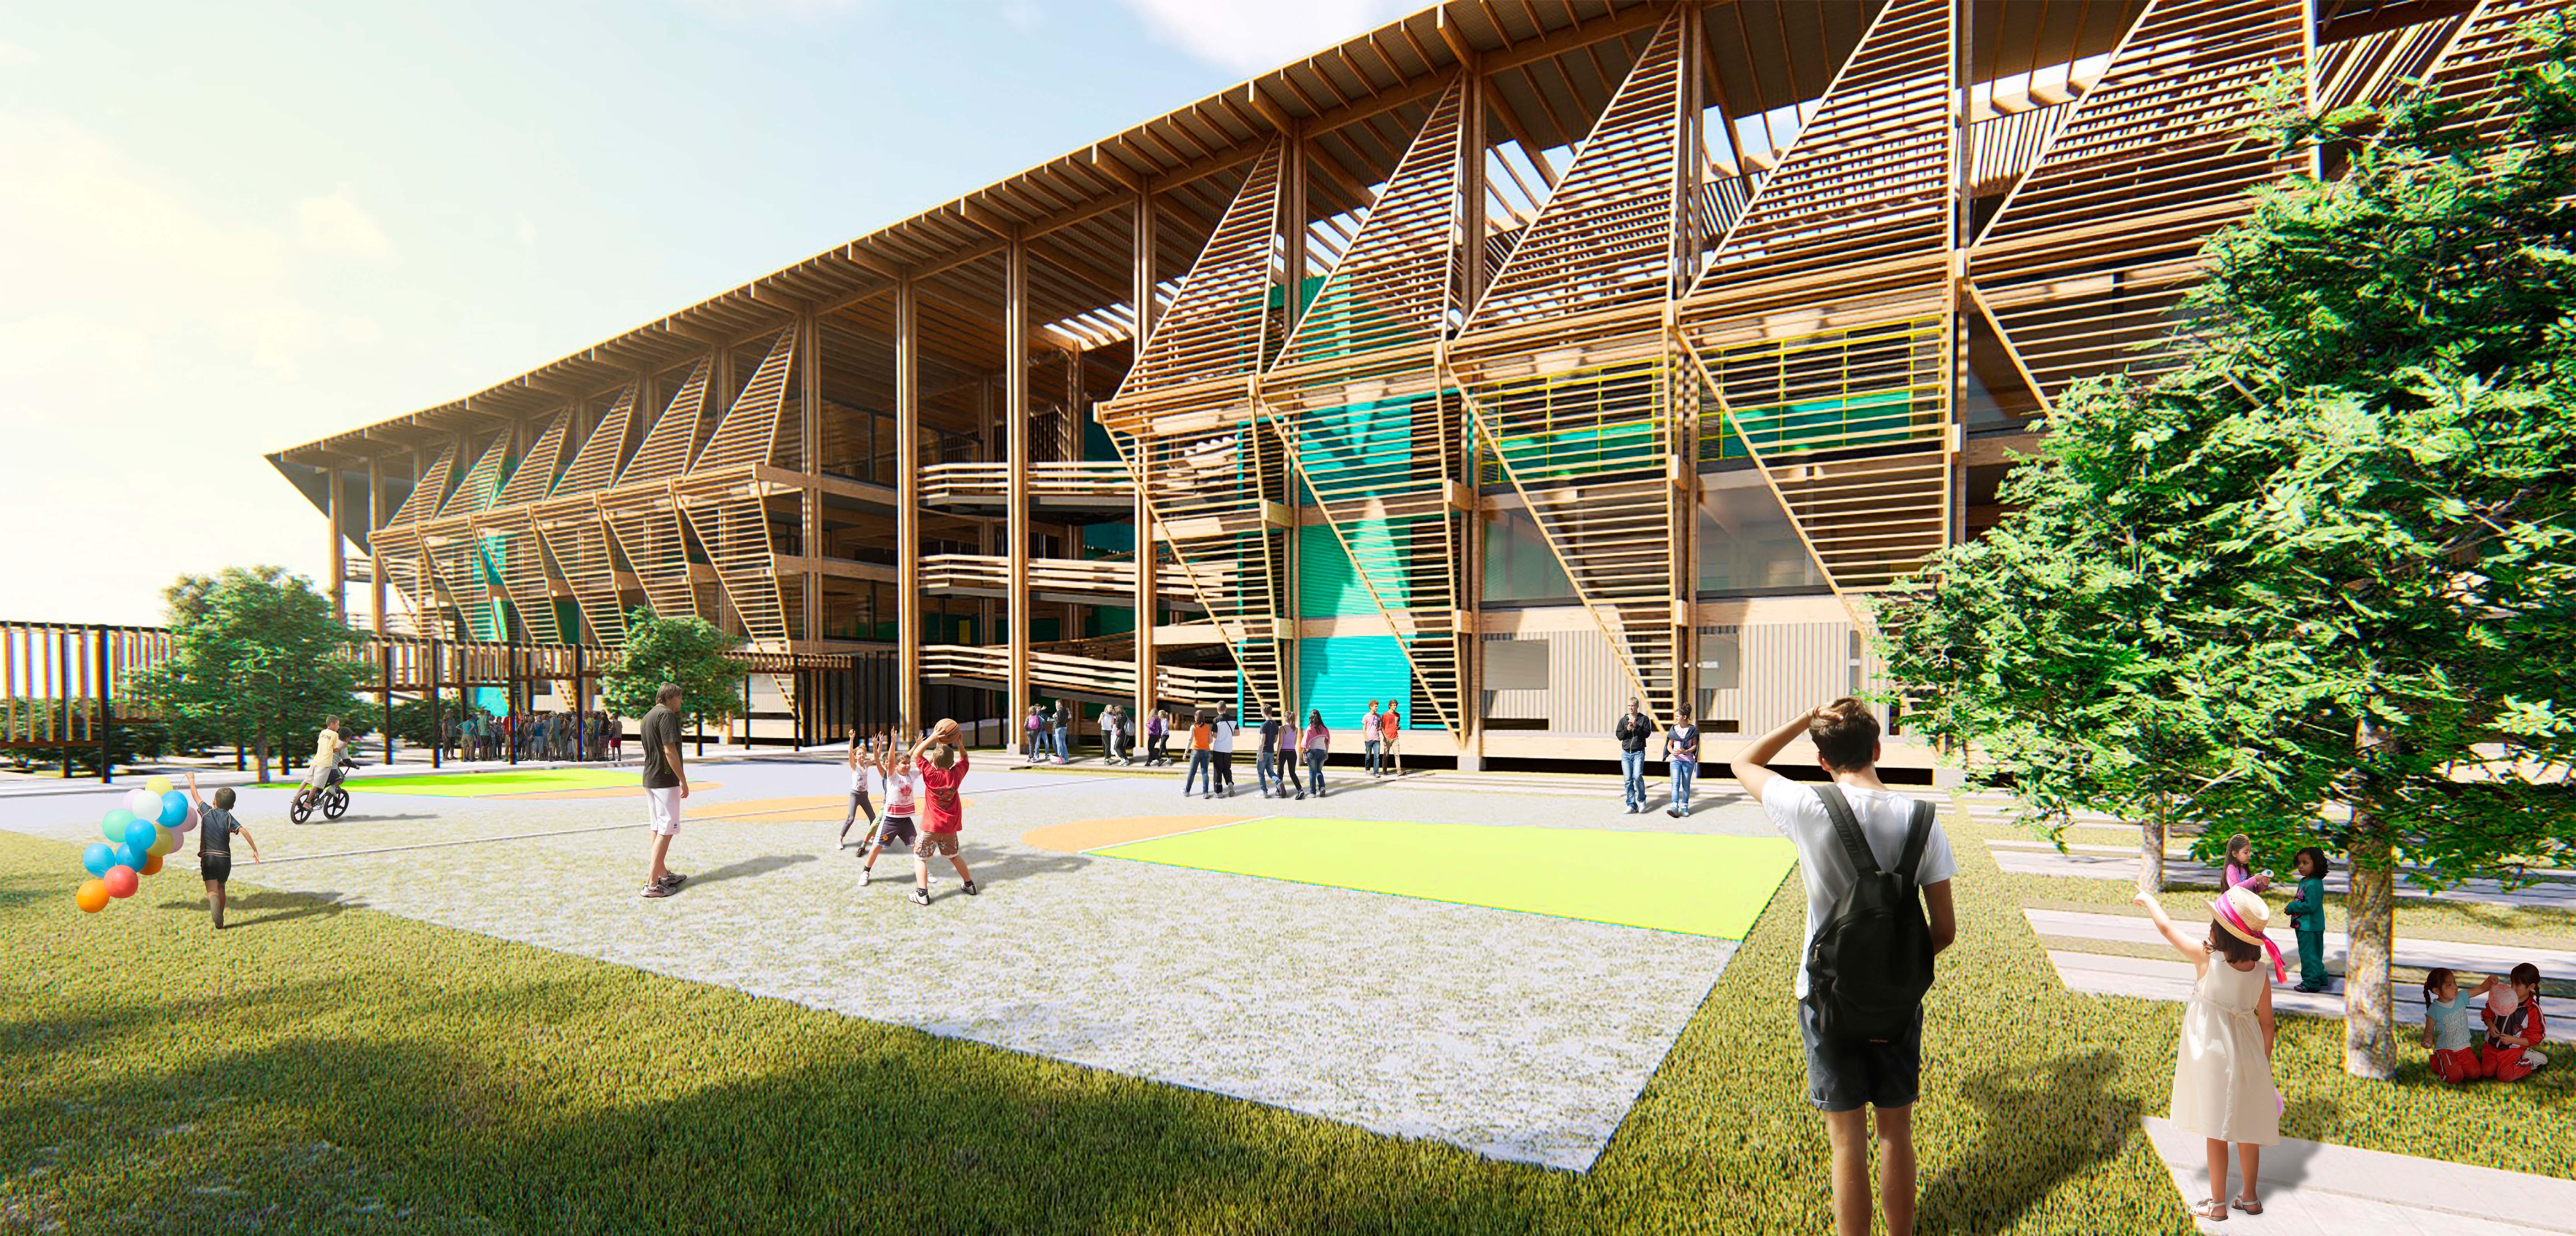 Ciudad espacio - Educativo pedagogia - Metha Arquitectos